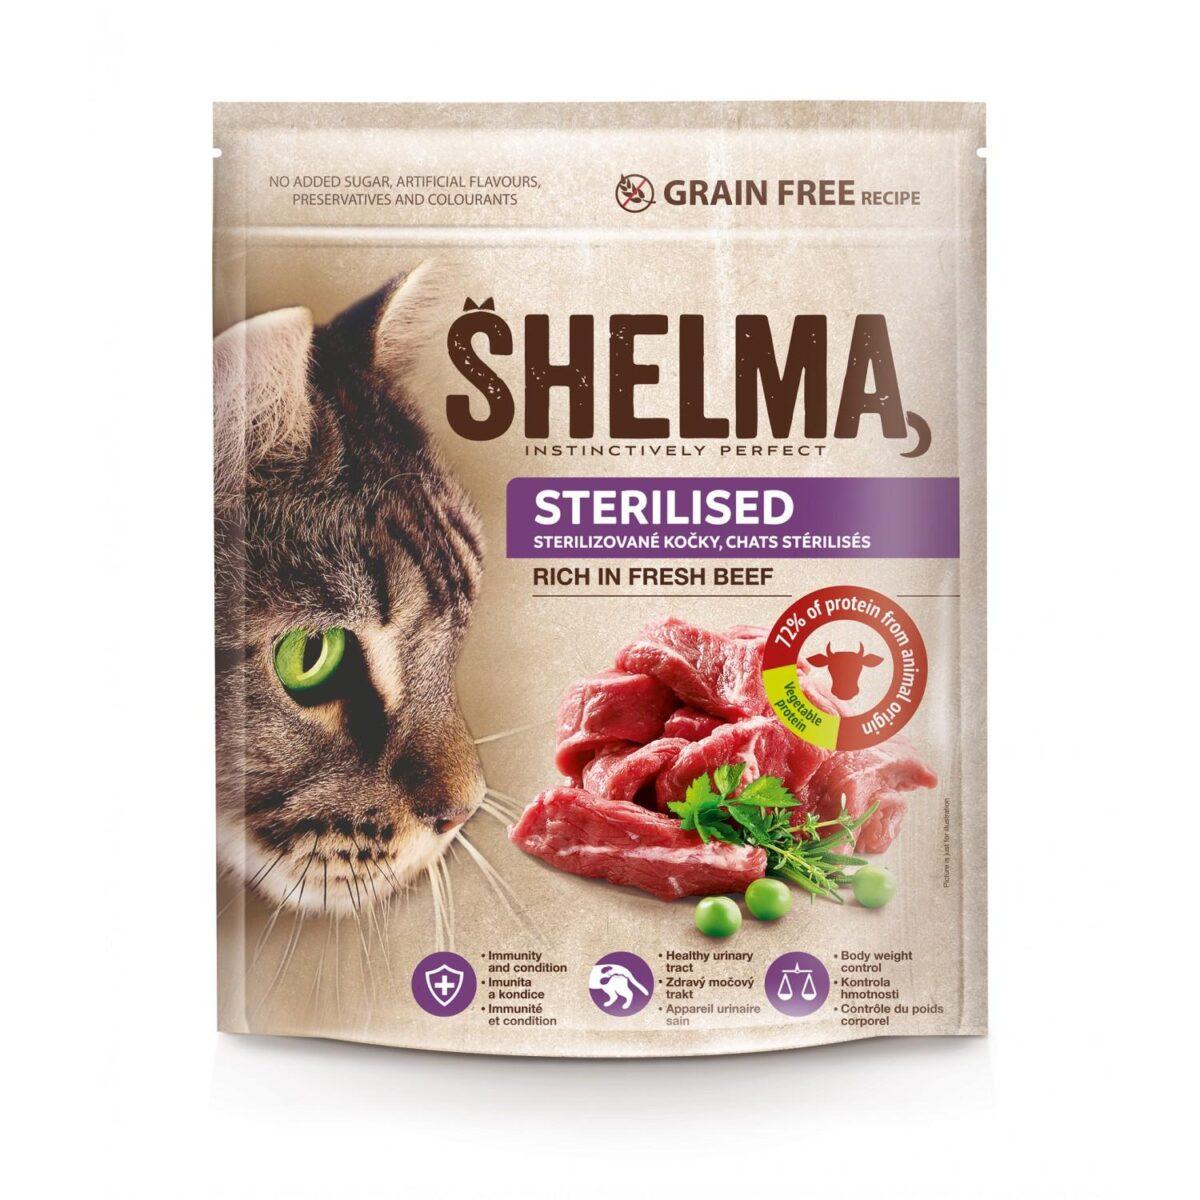 Šhelma teraviljavaba täissööt värske loomalihaga steriliseeritud kassidele 750g